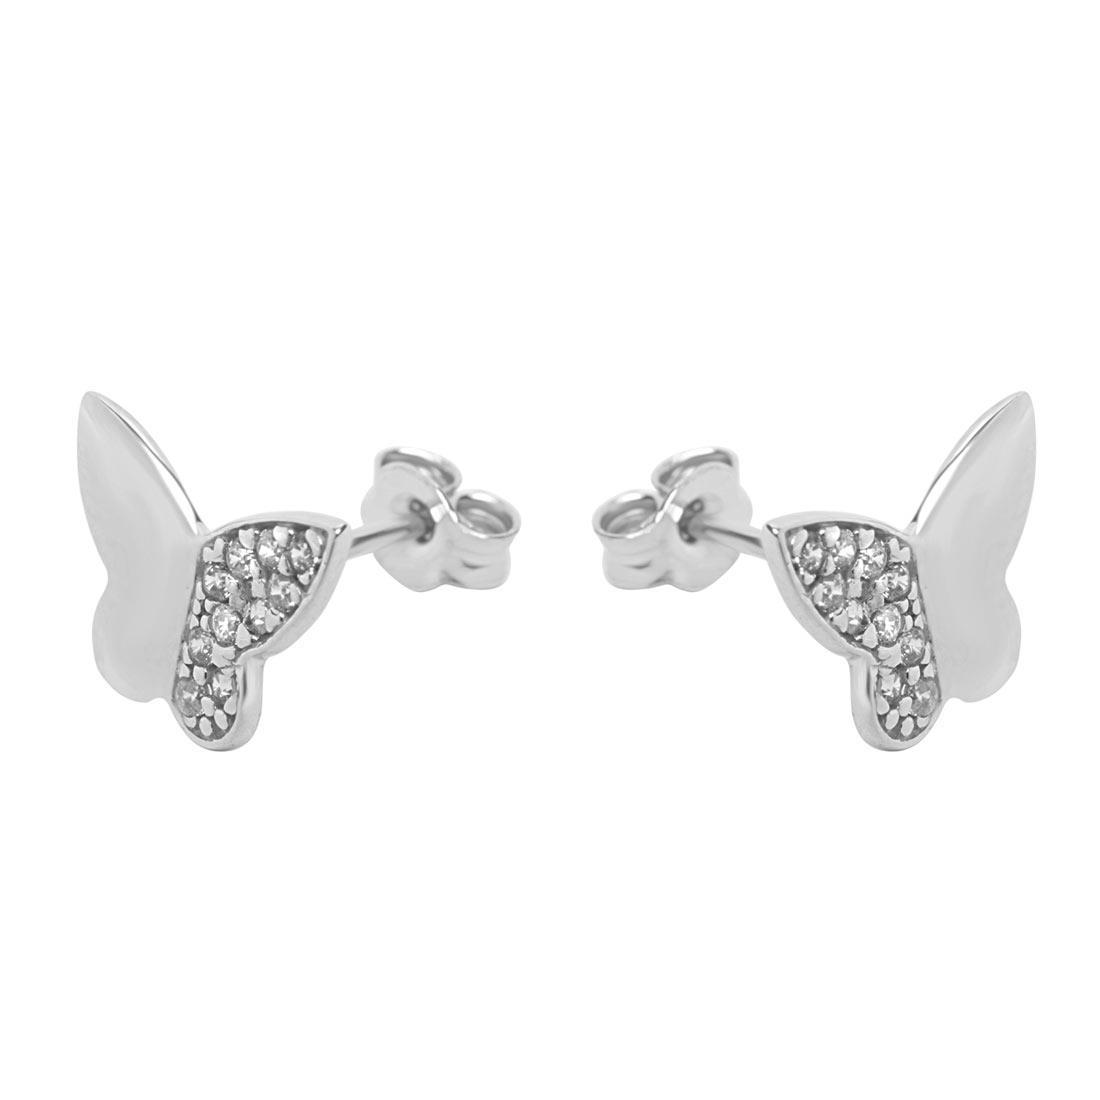 Orecchini  in oro bianco a forma di farfalla con zirconi - ORO&CO